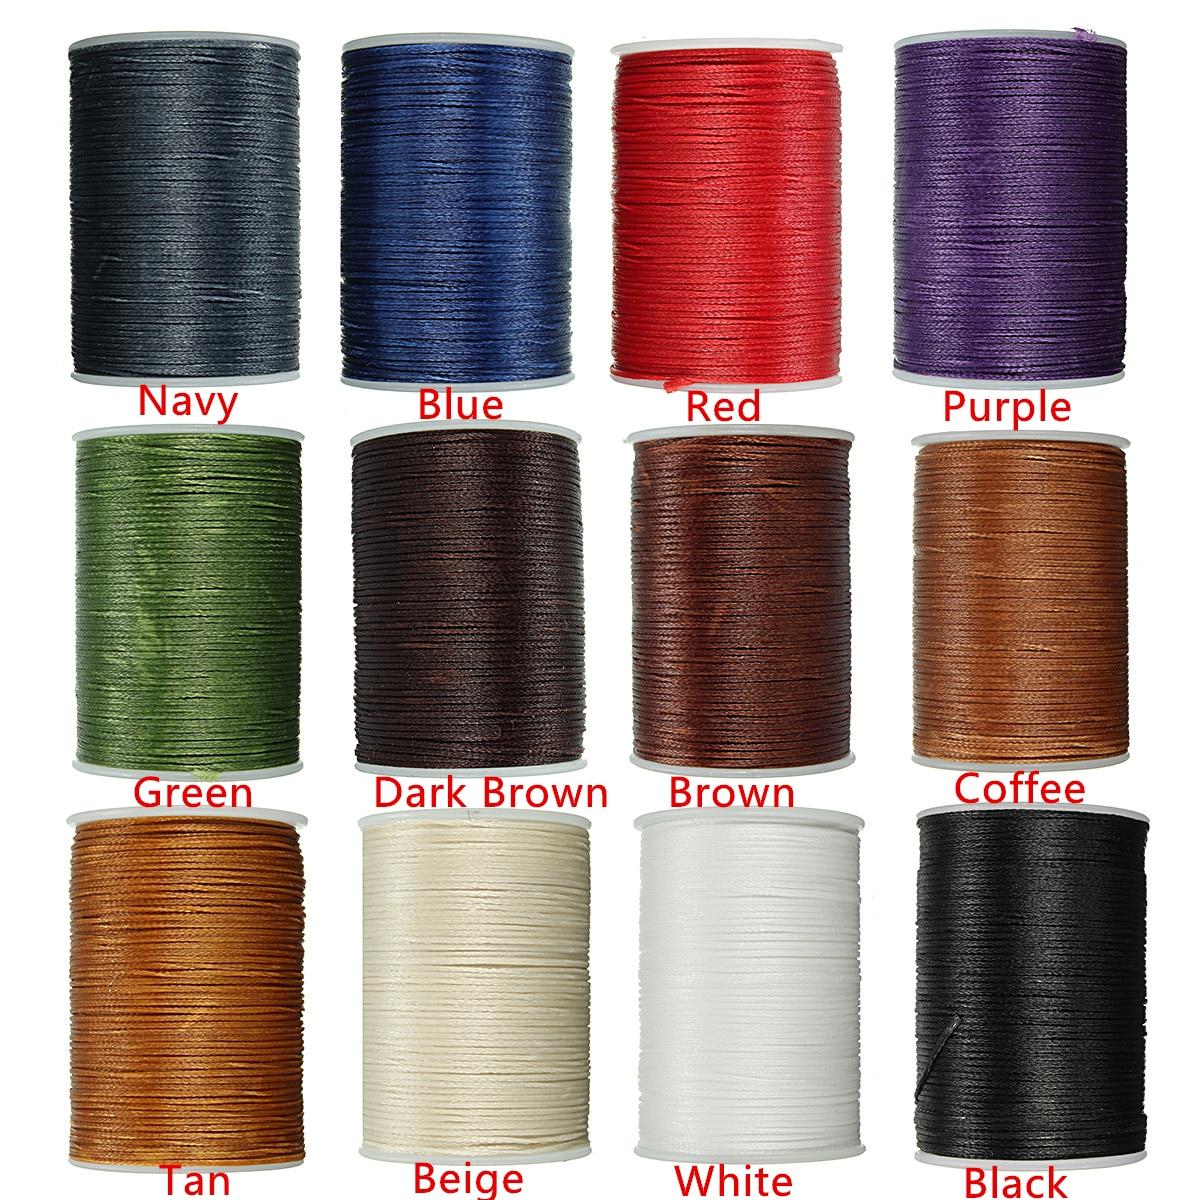 っ Discount for cheap embroidery thread cone and get free shipping